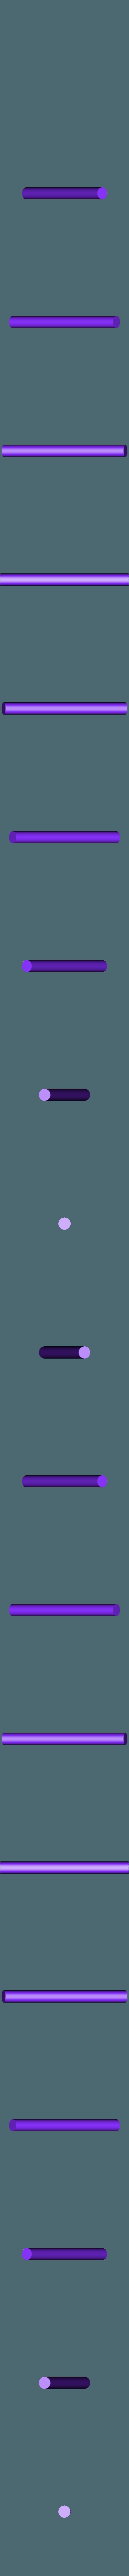 axle_3.STL Télécharger fichier STL gratuit MEGA Expansion 200+ Pièces • Plan à imprimer en 3D, Pwentey